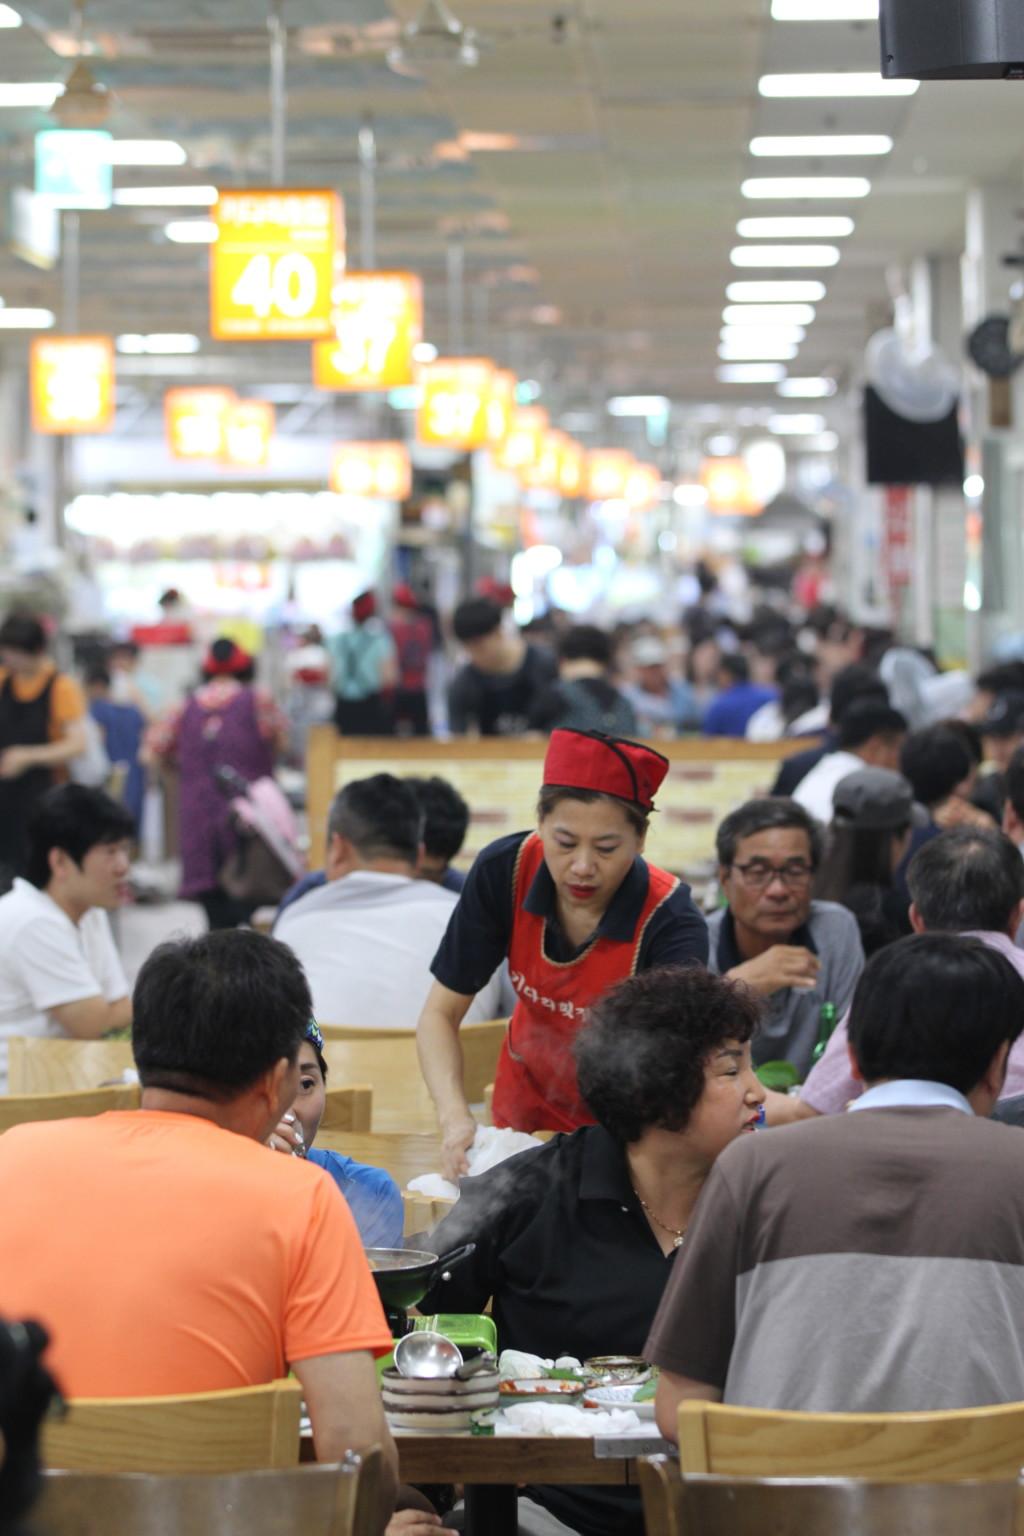 チャガルチ市場2階の飲食店エリア